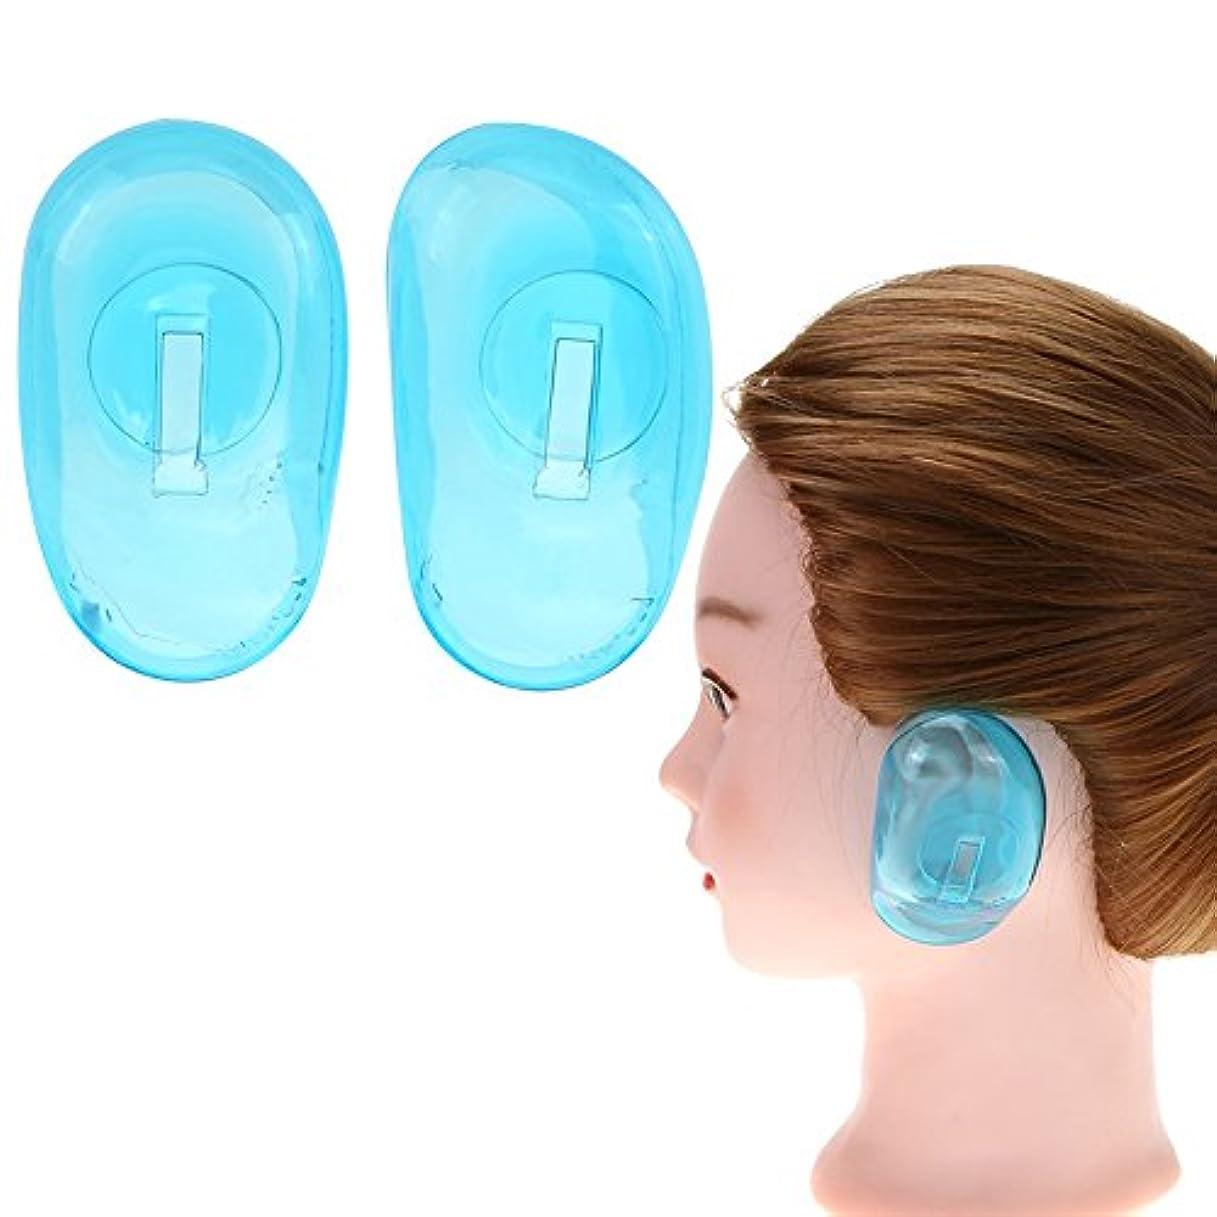 エピソードアドバイス司教Ruier-tong 1ペア耳カバー 毛染め用 シリコン製 耳キャップ 柔らかいイヤーキャップ ヘアカラー シャワー 耳保護 ヘアケアツール サロン 洗える 繰り返す使用可能 エコ 8.5x5cm